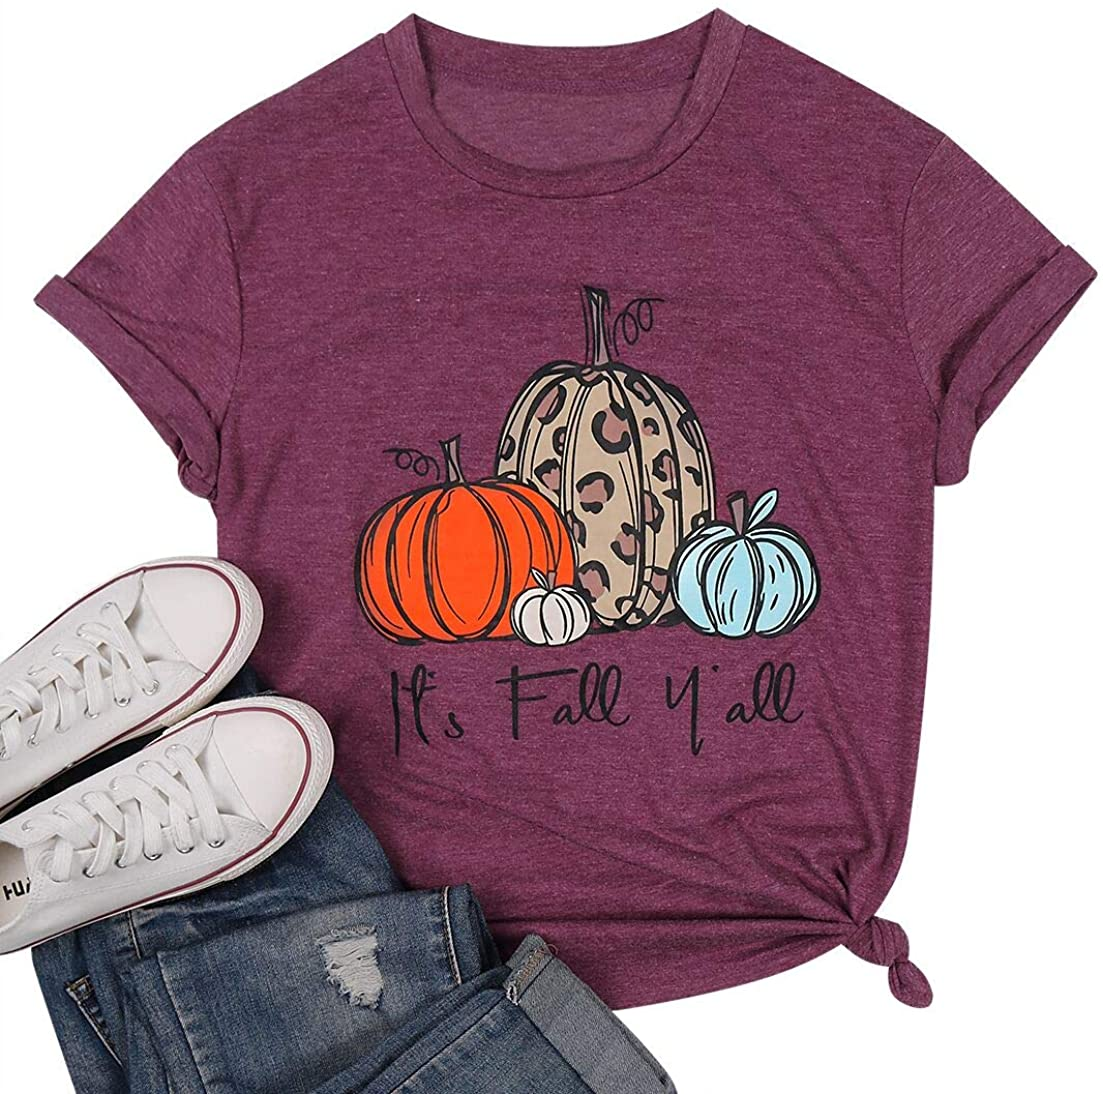 Halloween Pumpkin Shirts Women Cute Plaid Leopard Graphic Tees Thanksgiving Casual Fall Top Tees